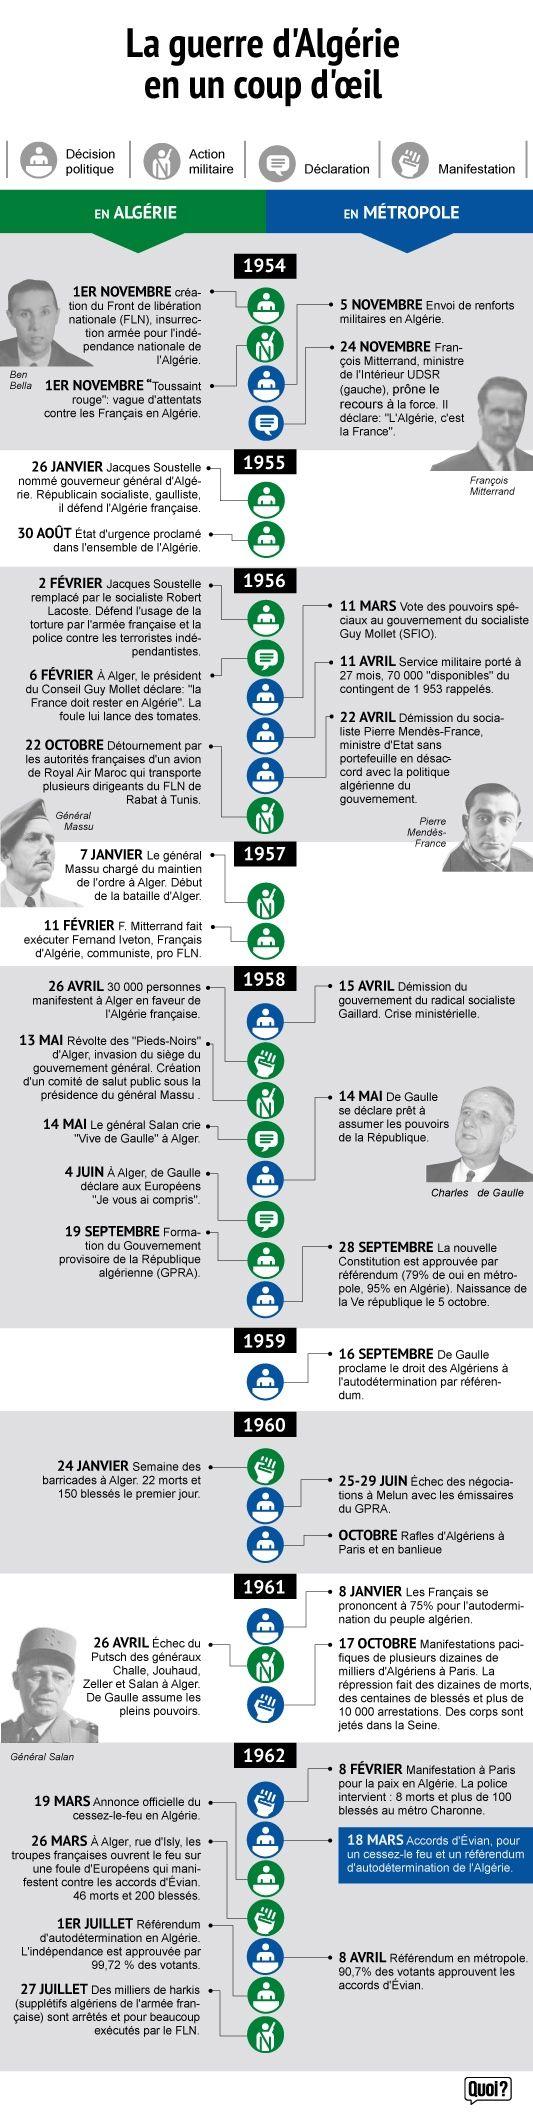 Infographie Guerre d'Algérie